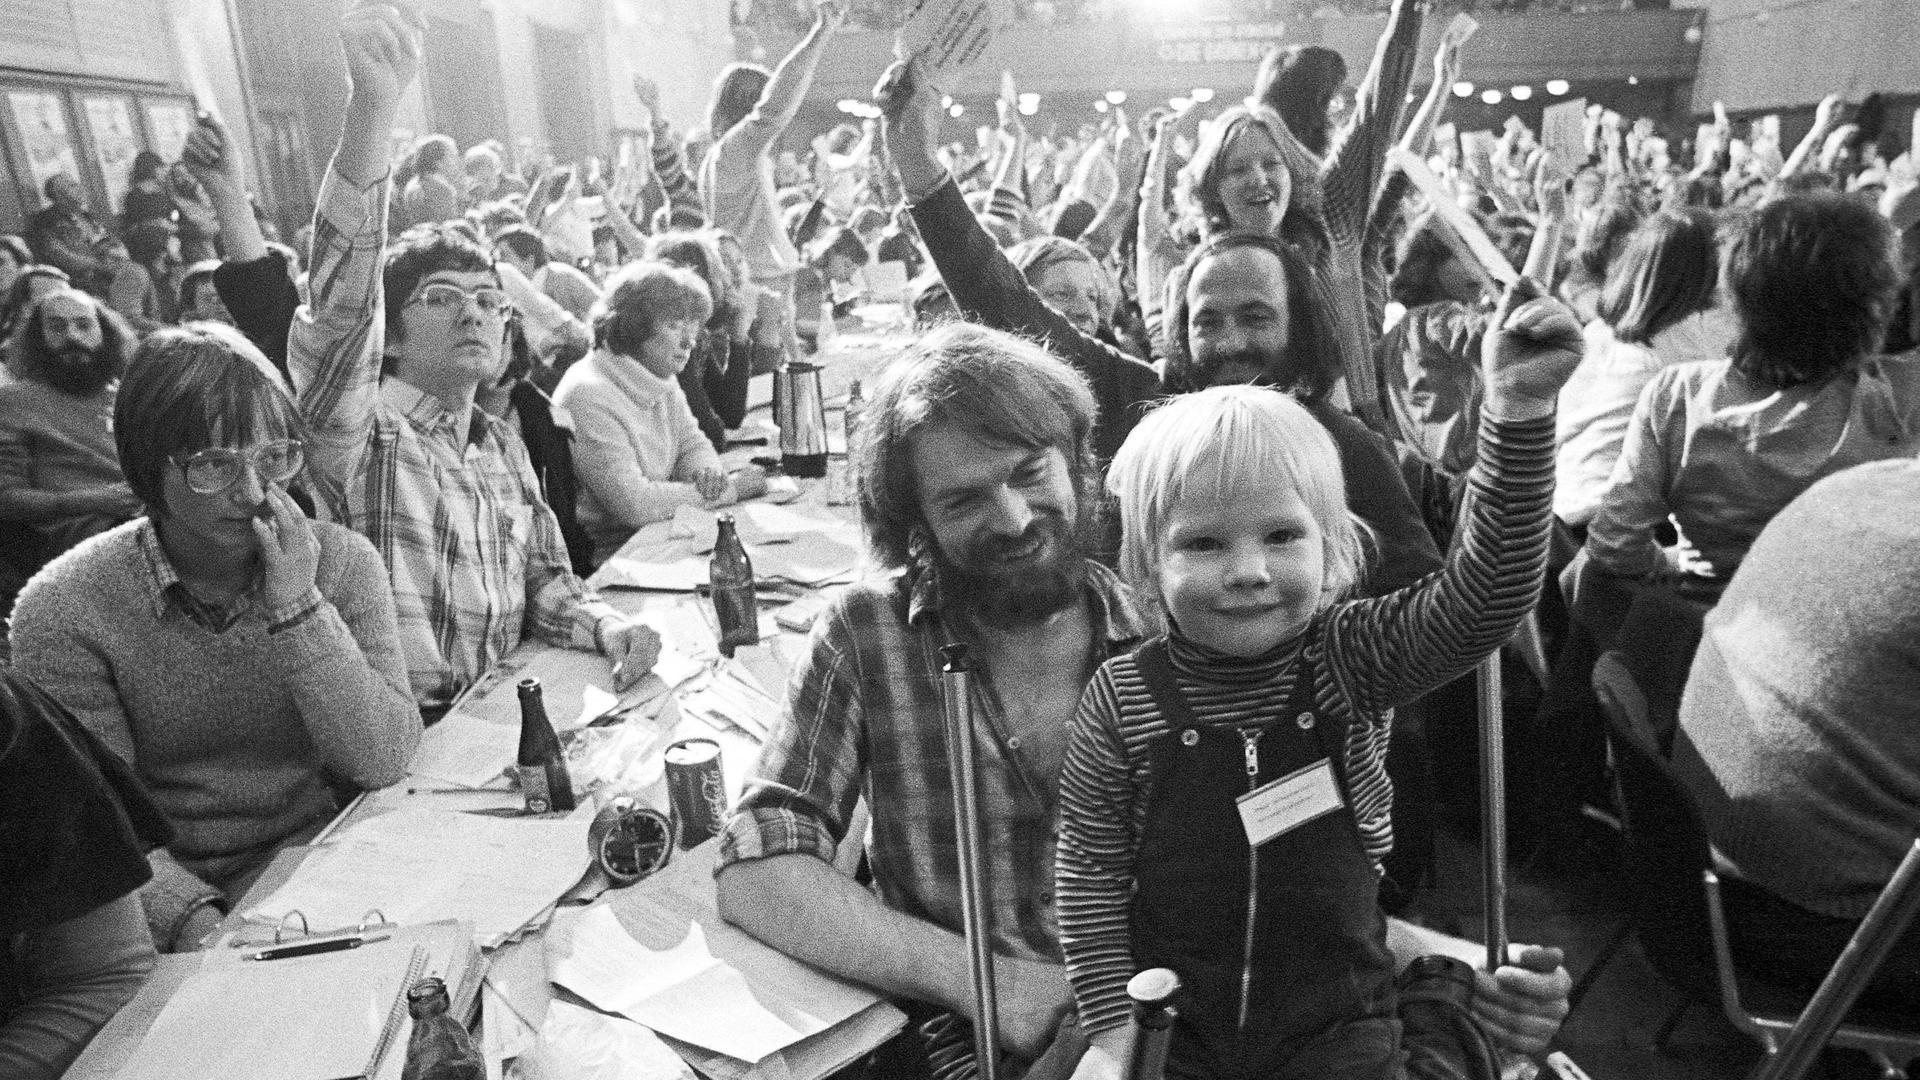 Grüne Geschichte: 1.004 Delegierte versammelten sich am 12. und 13. Januar 1980 in der Karlsruher Stadthalle, einige brachten auch gleich die ganze Familie mit.